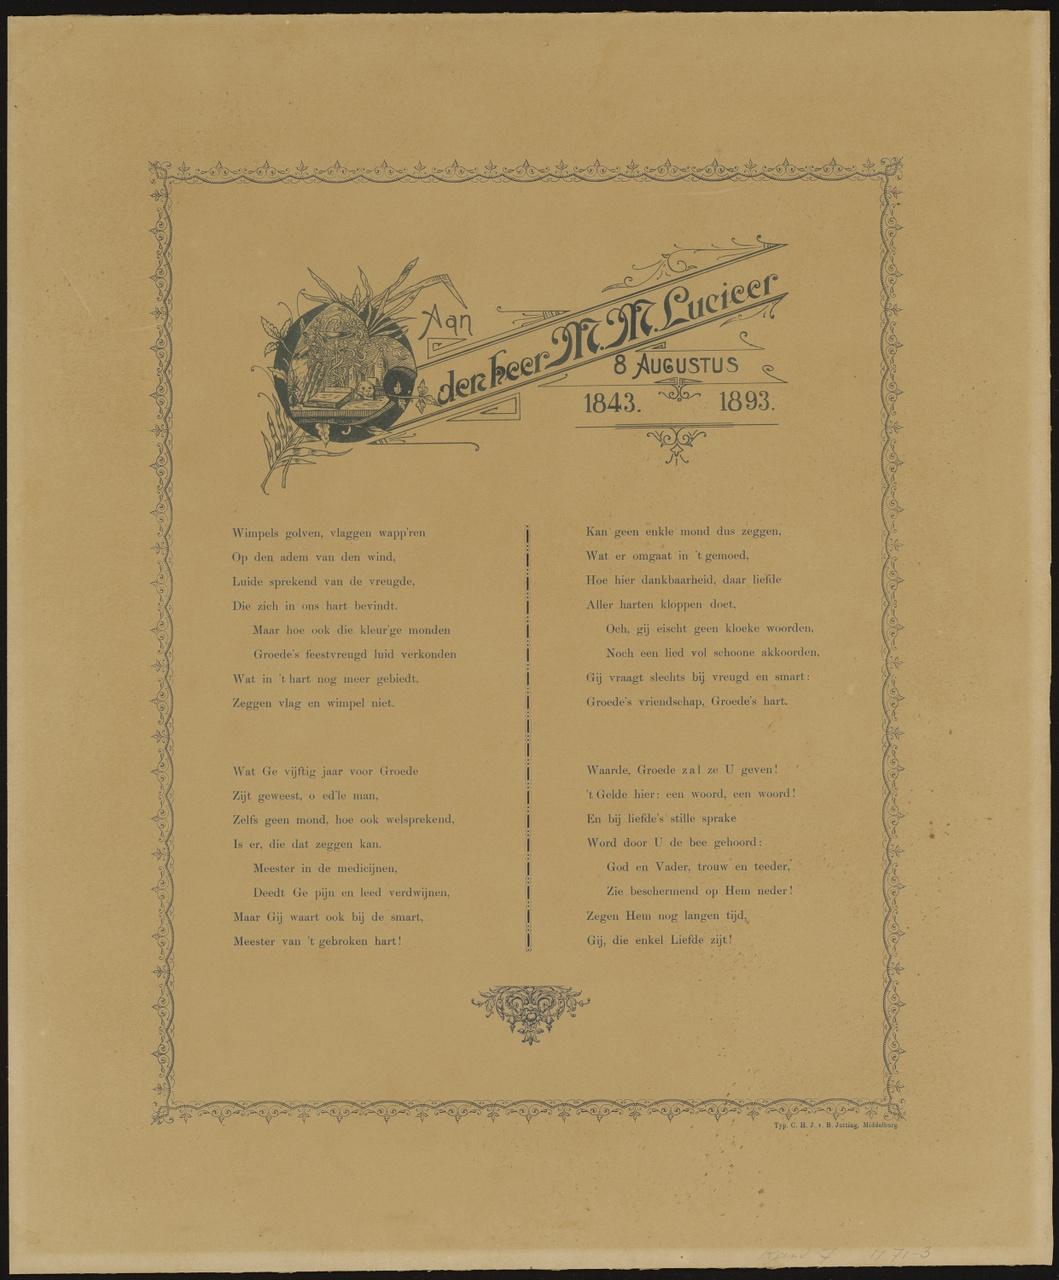 Gedicht opgedragen aan de heer M.M. Lucieer, P.M. Louwerse